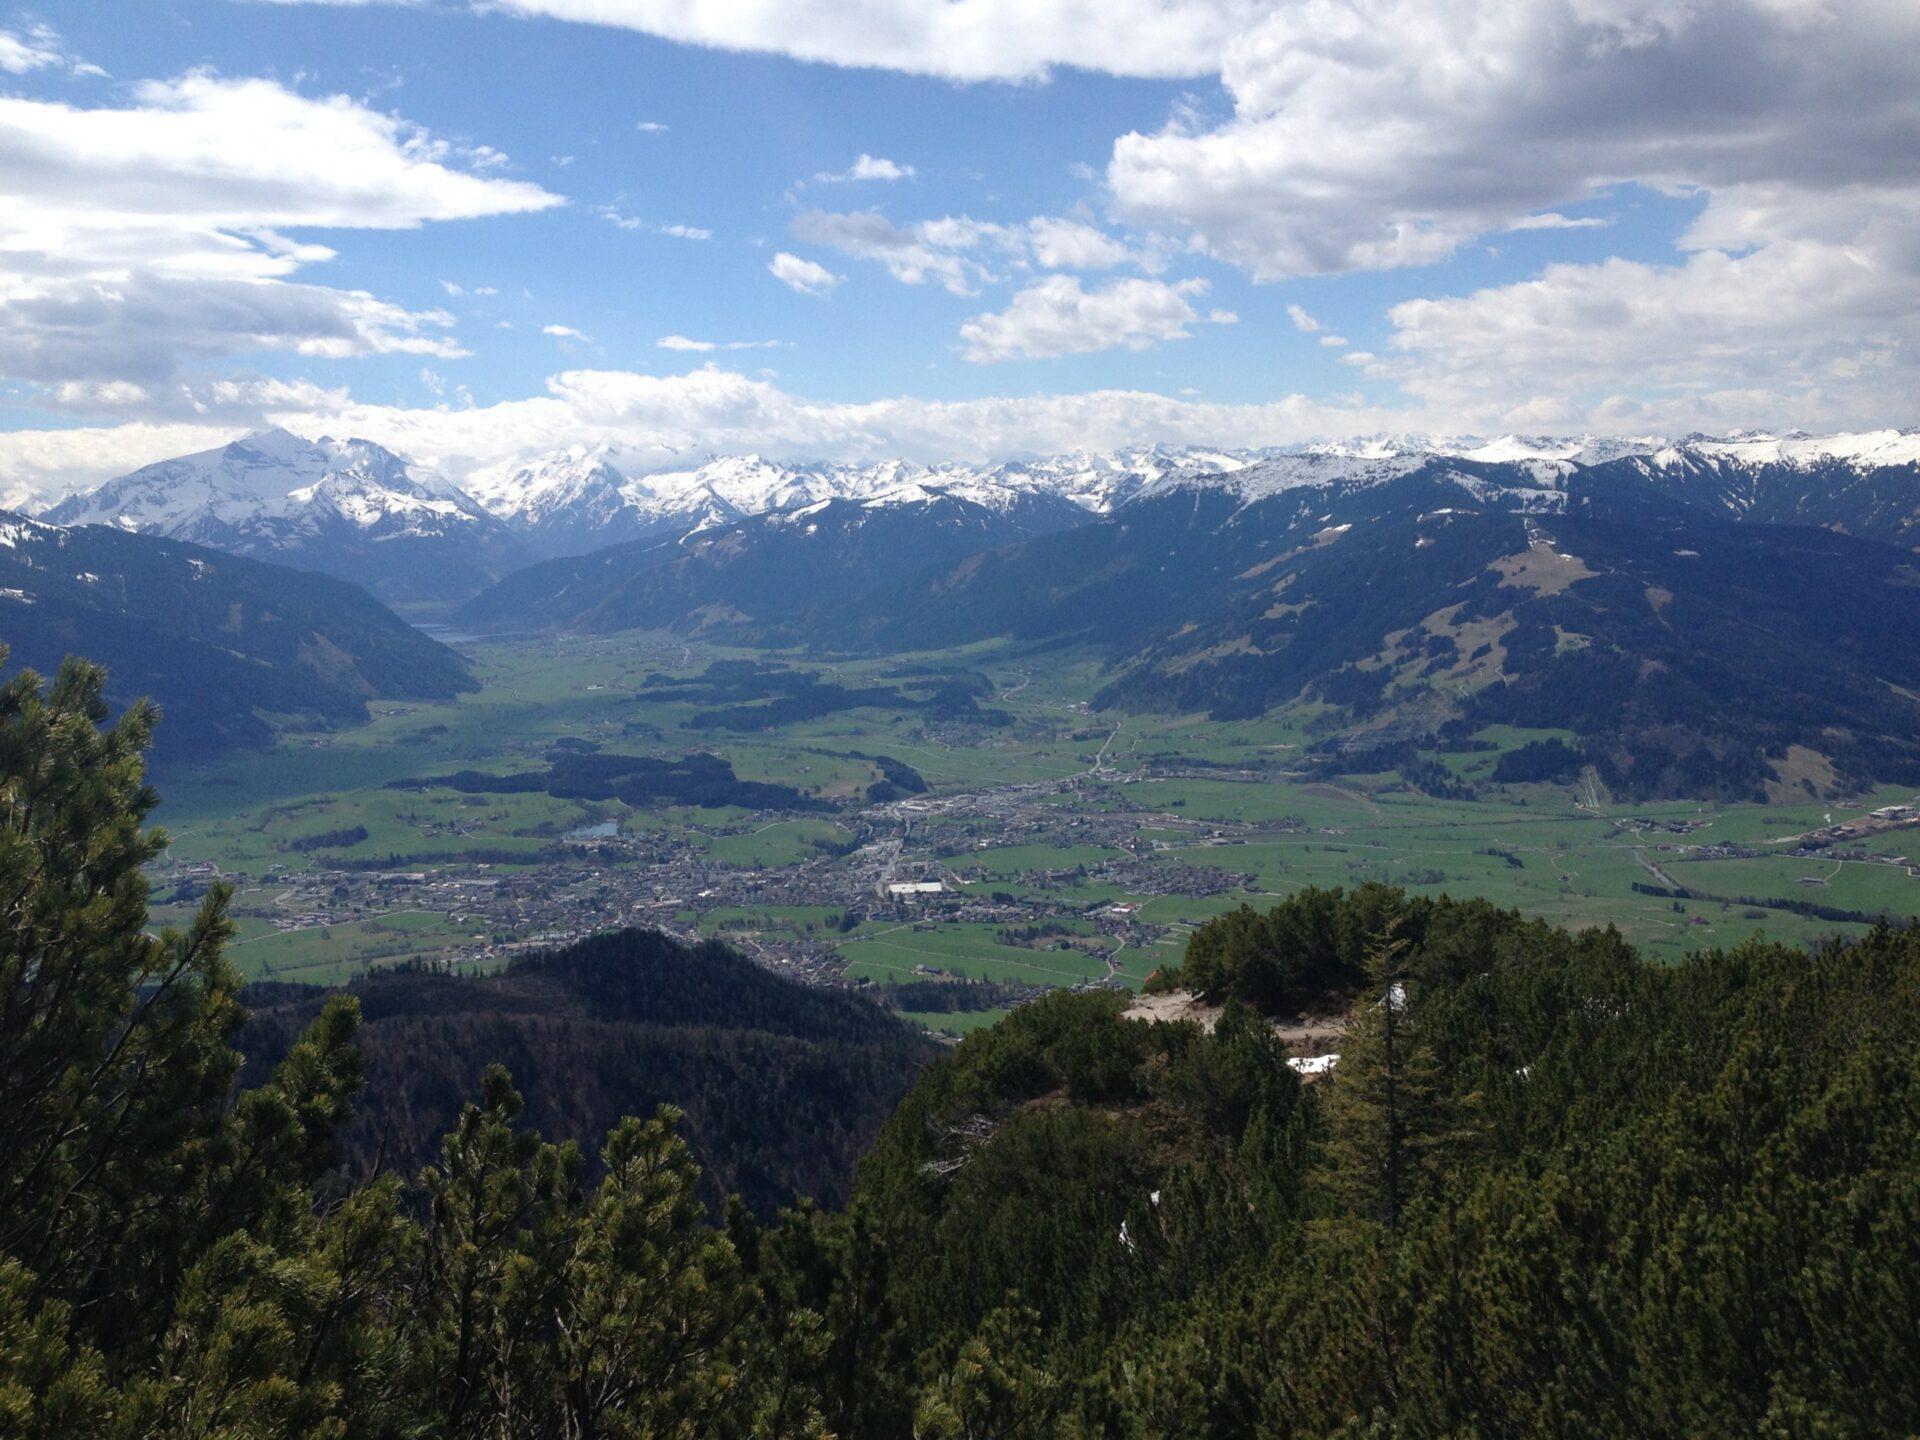 Blick in Richtung Wiesbachhorn, Kitzsteinhorn und Hohe Tauern